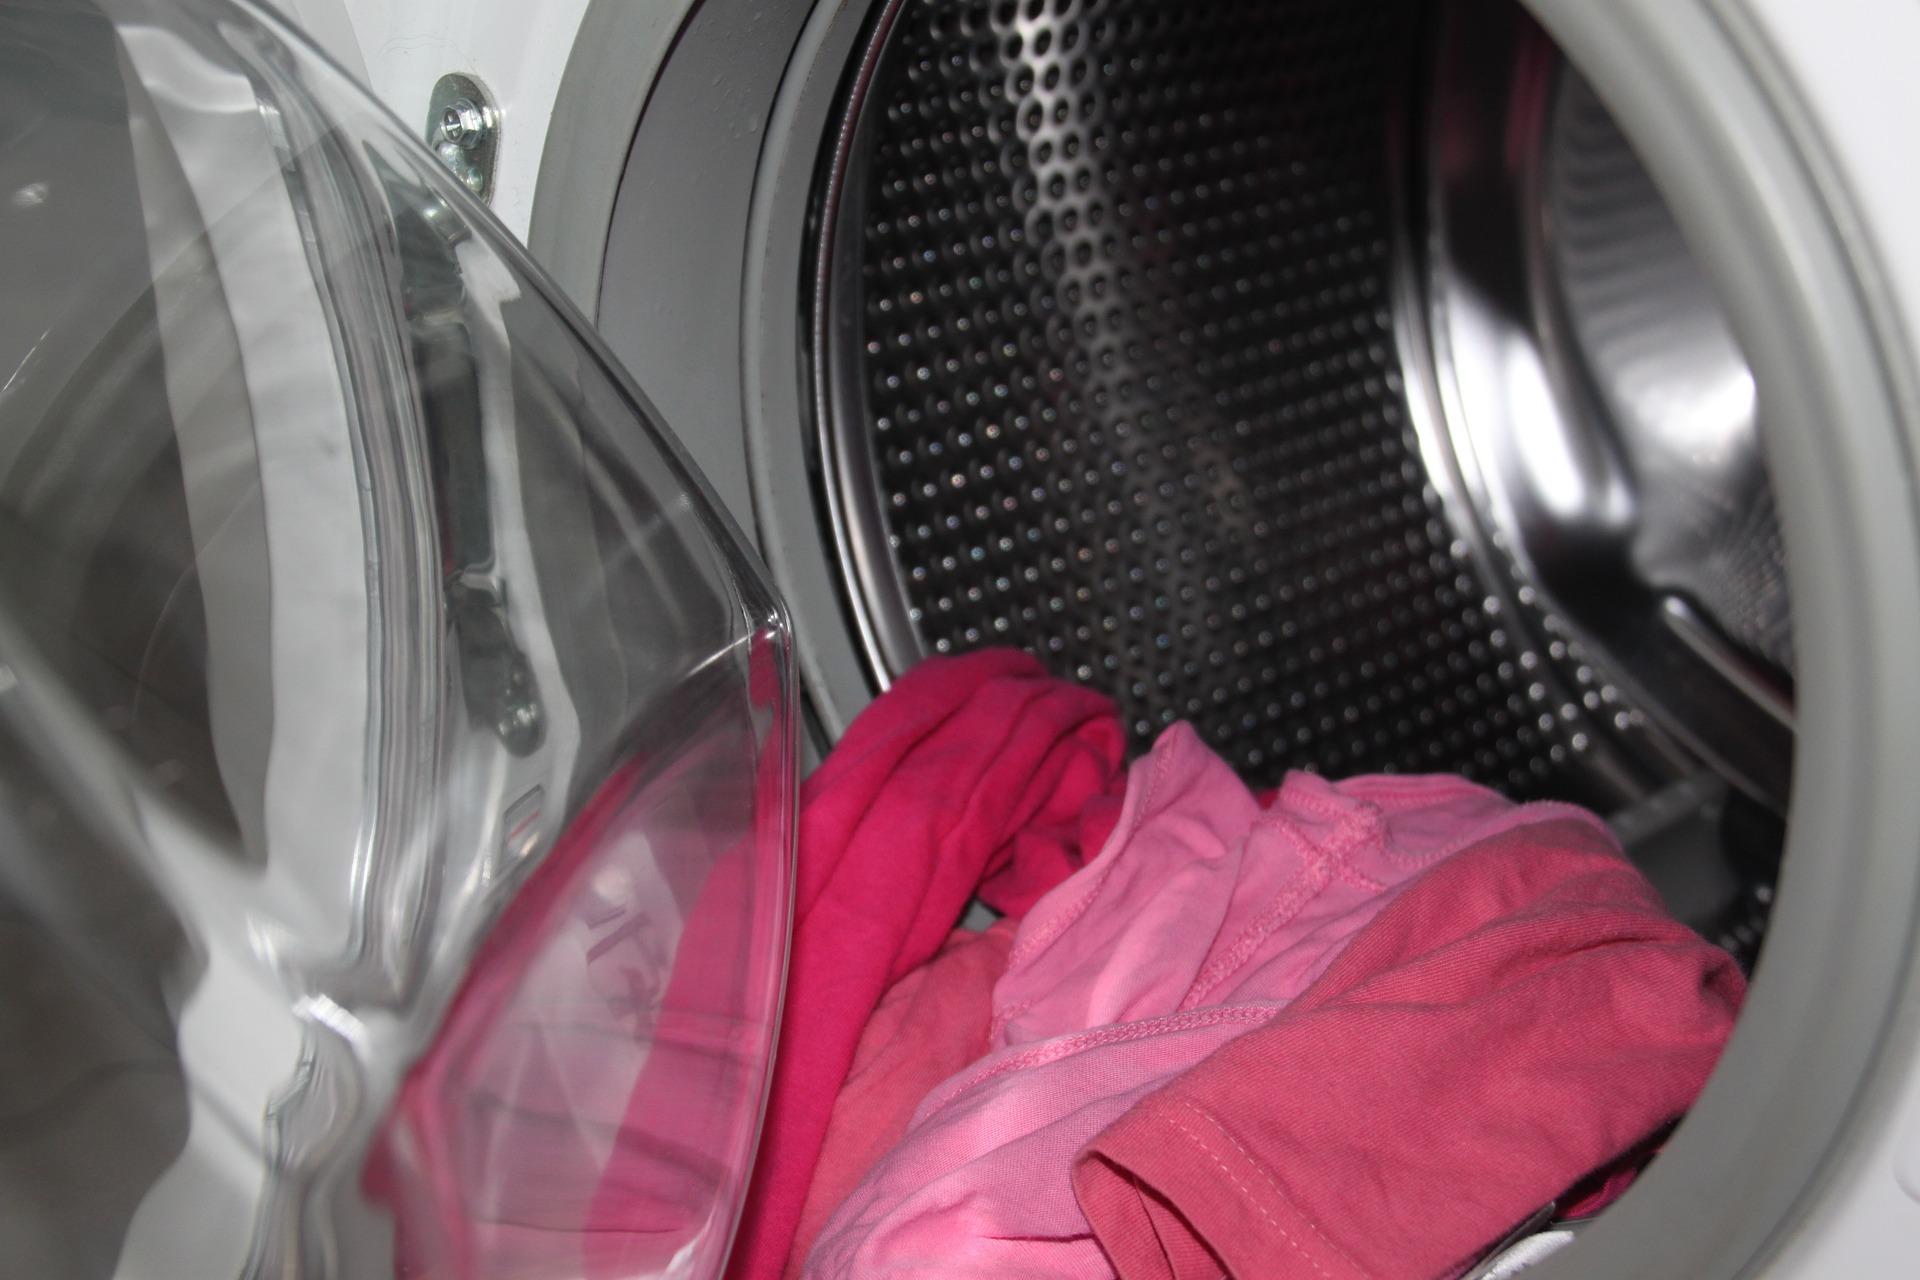 washing-machine-943363_1920.jpg